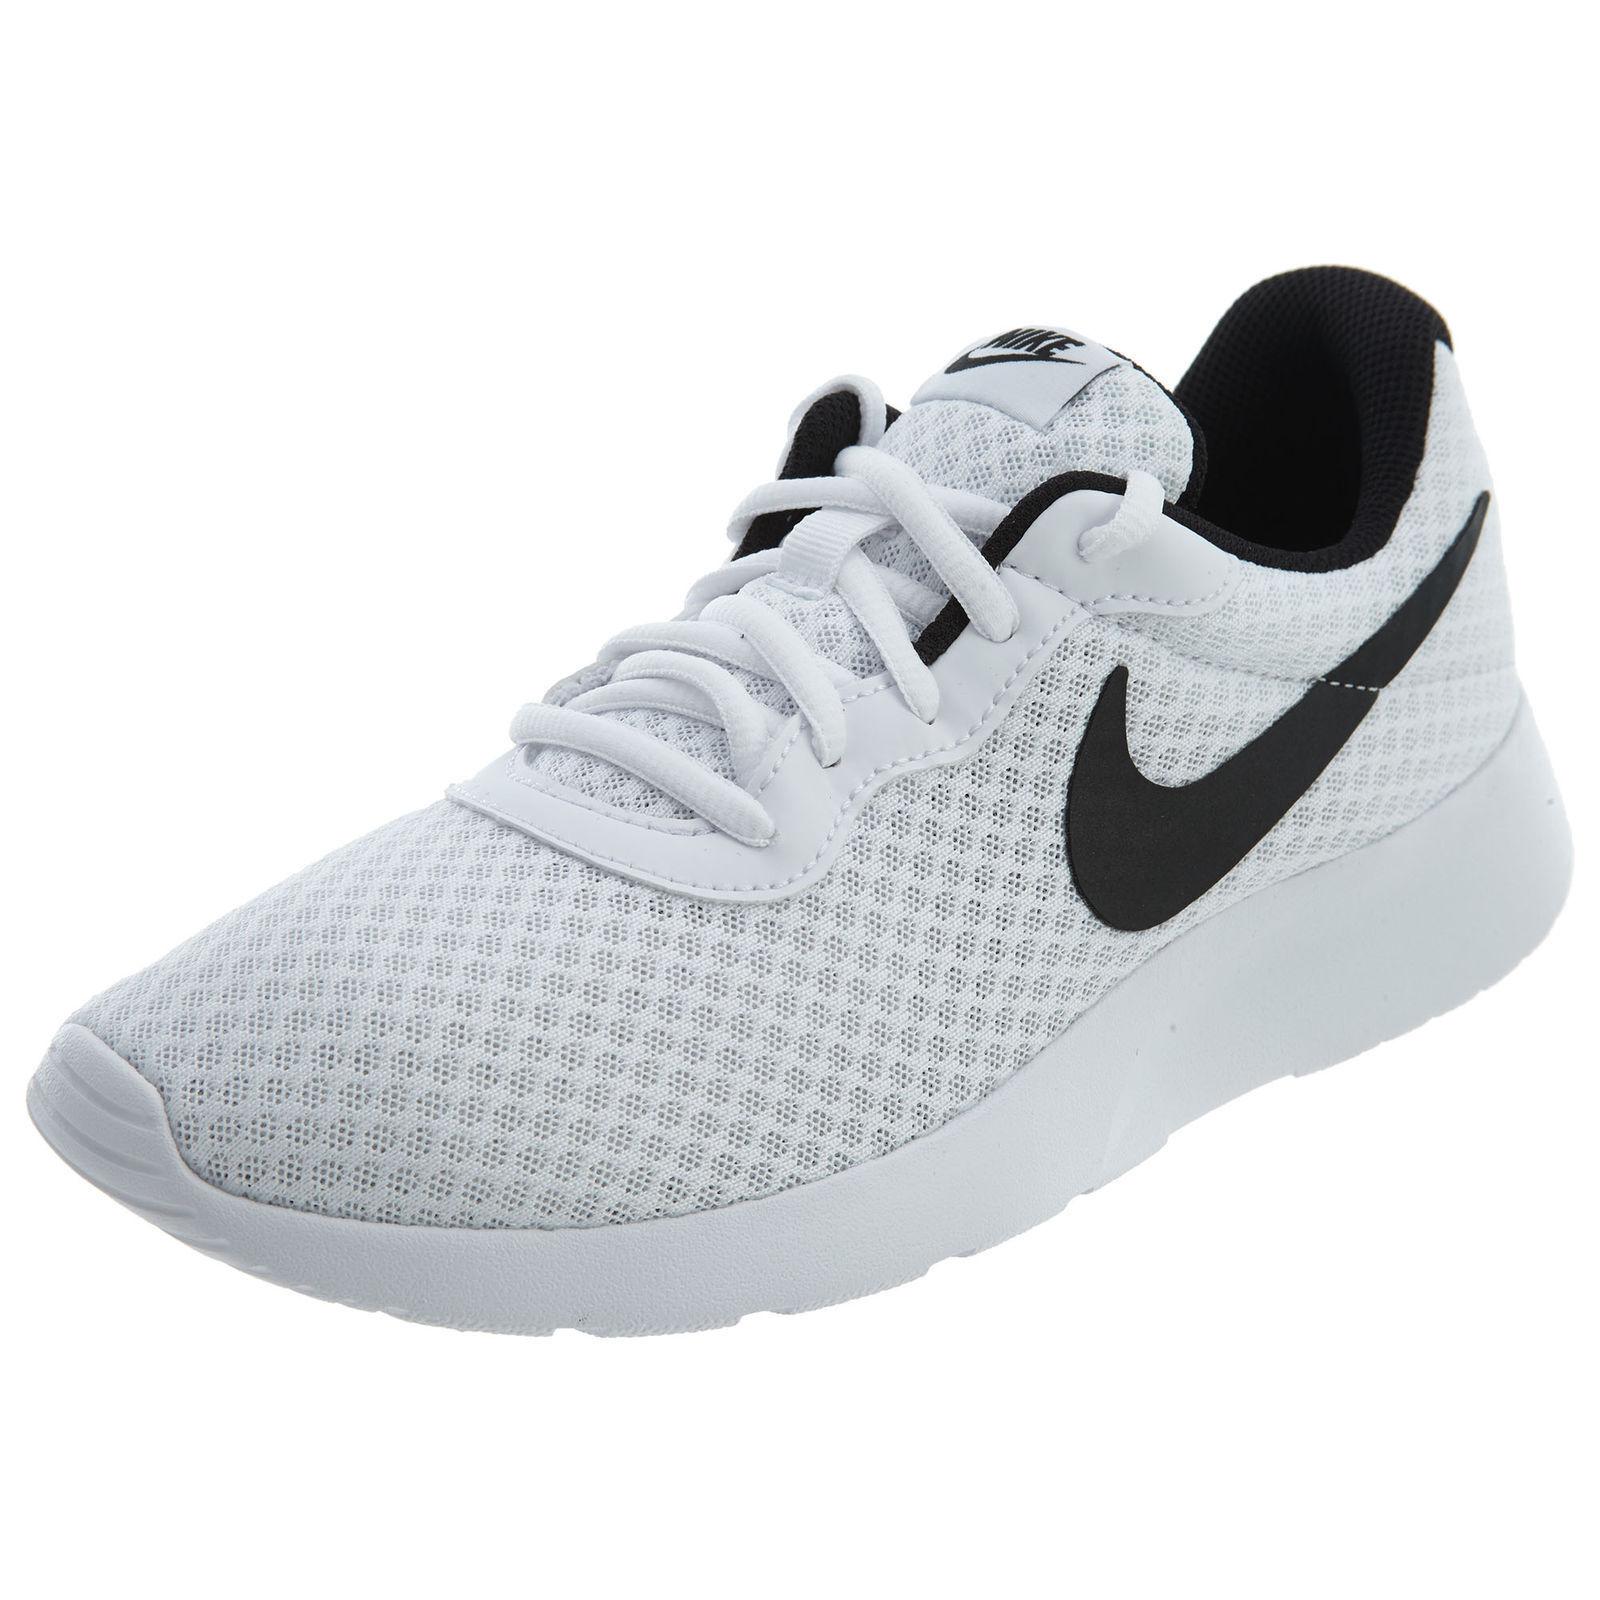 Men's Nike Tanjun Running Shoes White/Black Sizes 8-13 NIB 812654-101